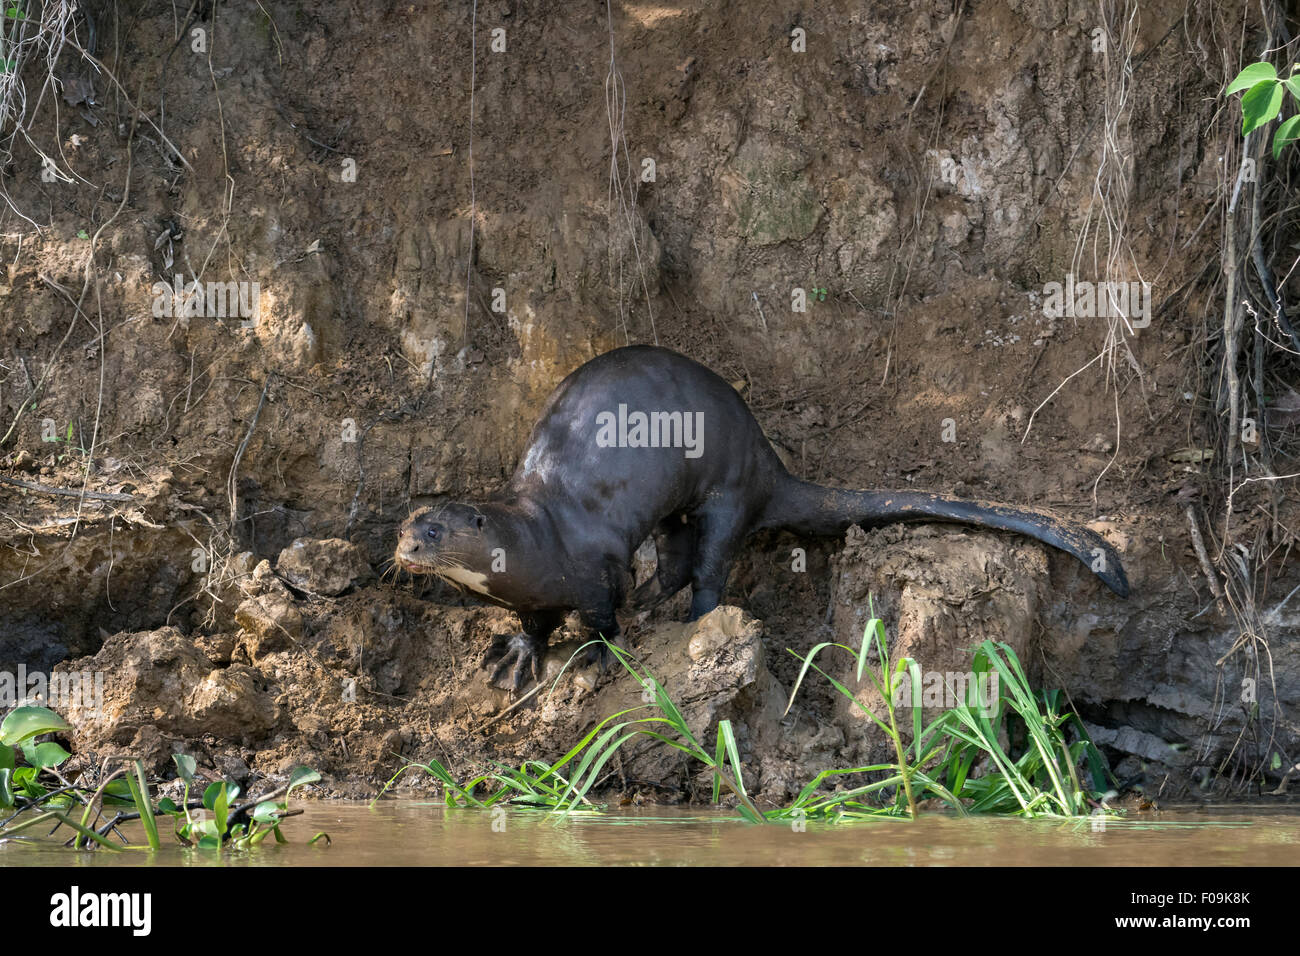 La loutre géante (Pteronura brasiliensis) sur une rive du fleuve boueux, Rio Cuiaba, Pantanal, Brésil Banque D'Images